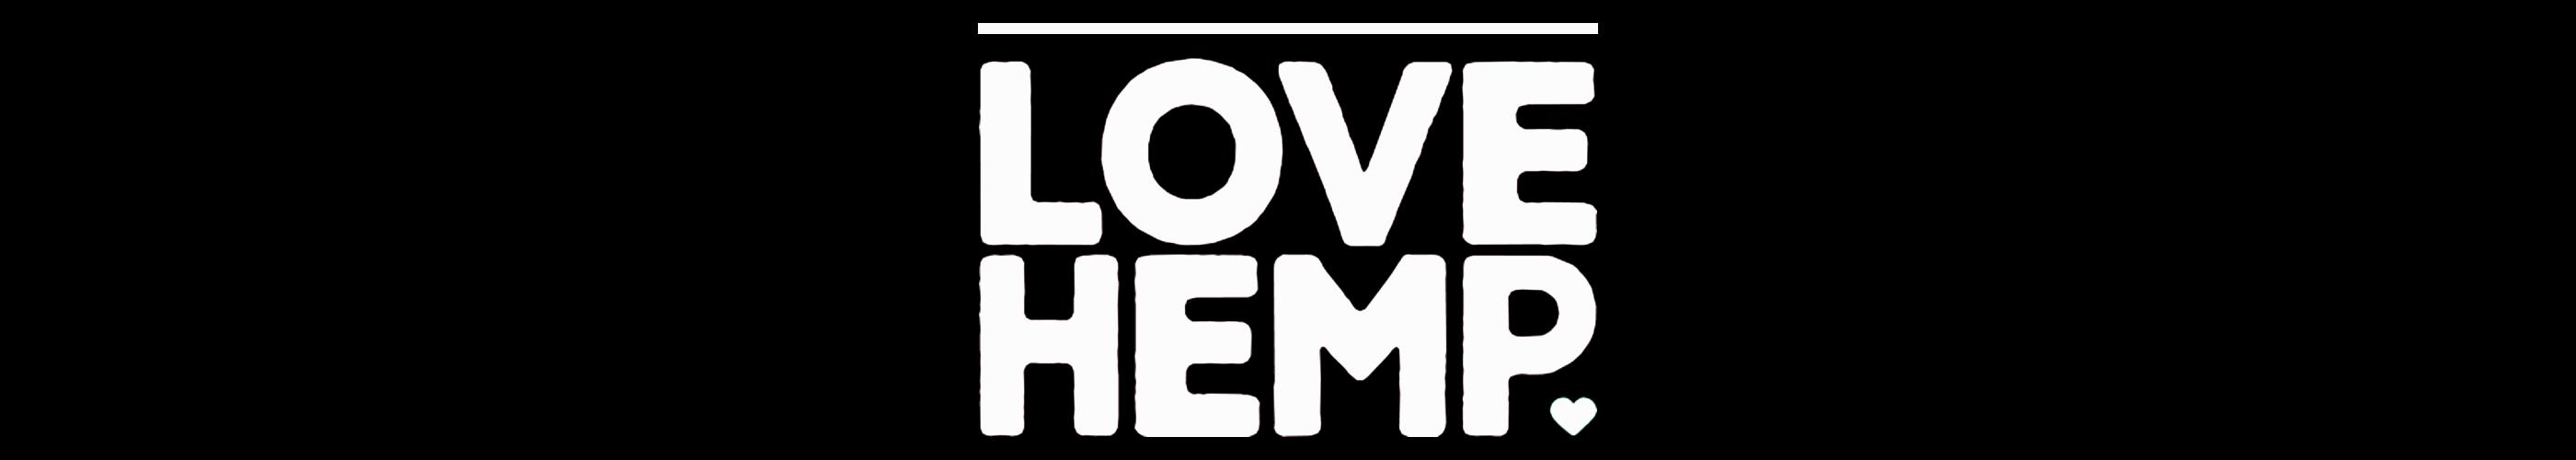 Love Hemp